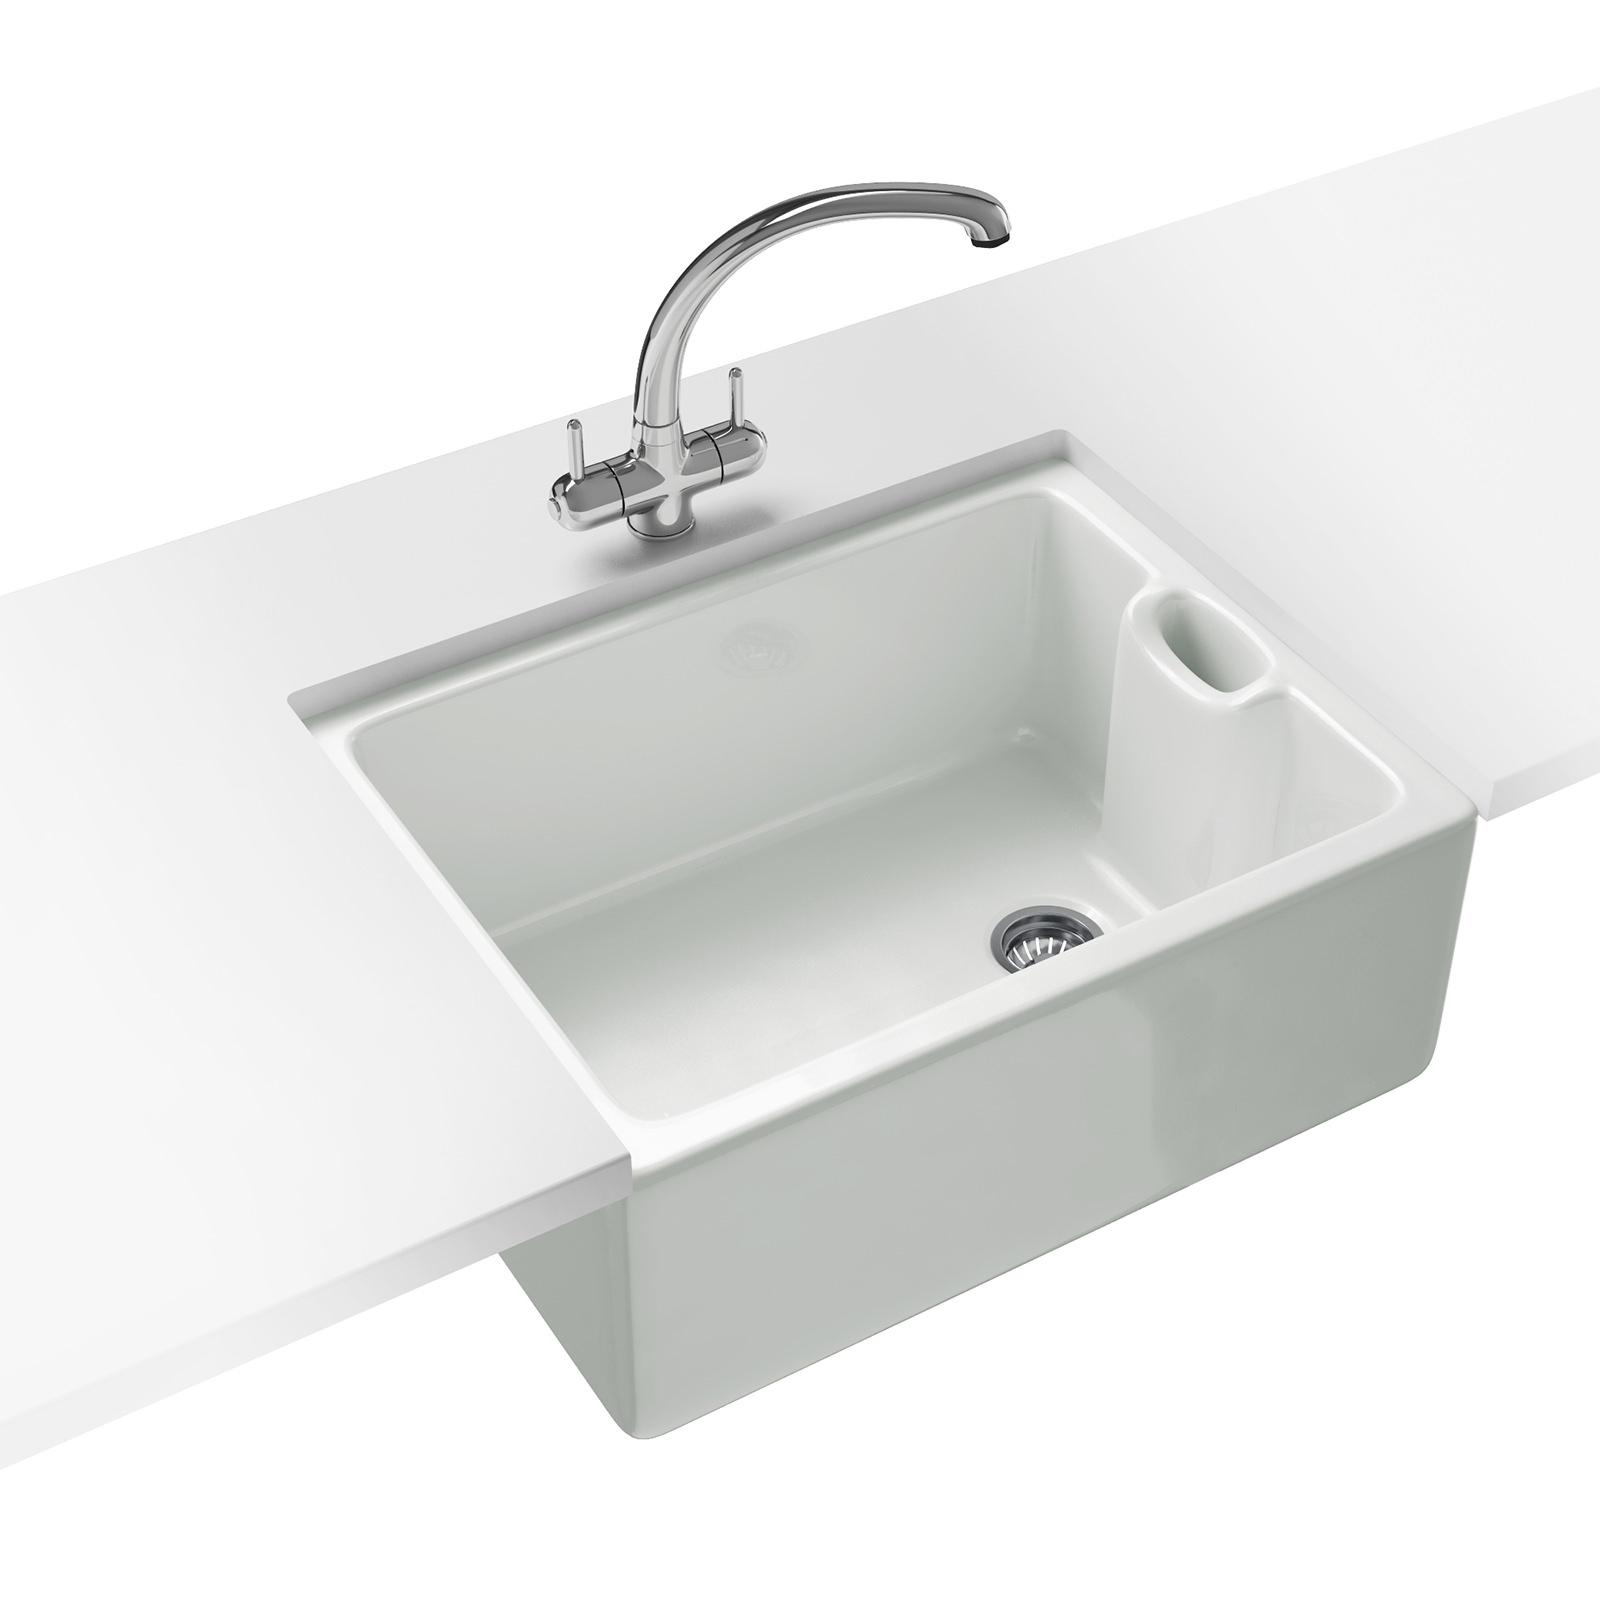 white kitchen sink Belfast Propack BAK Ceramic White Kitchen Sink And Tap